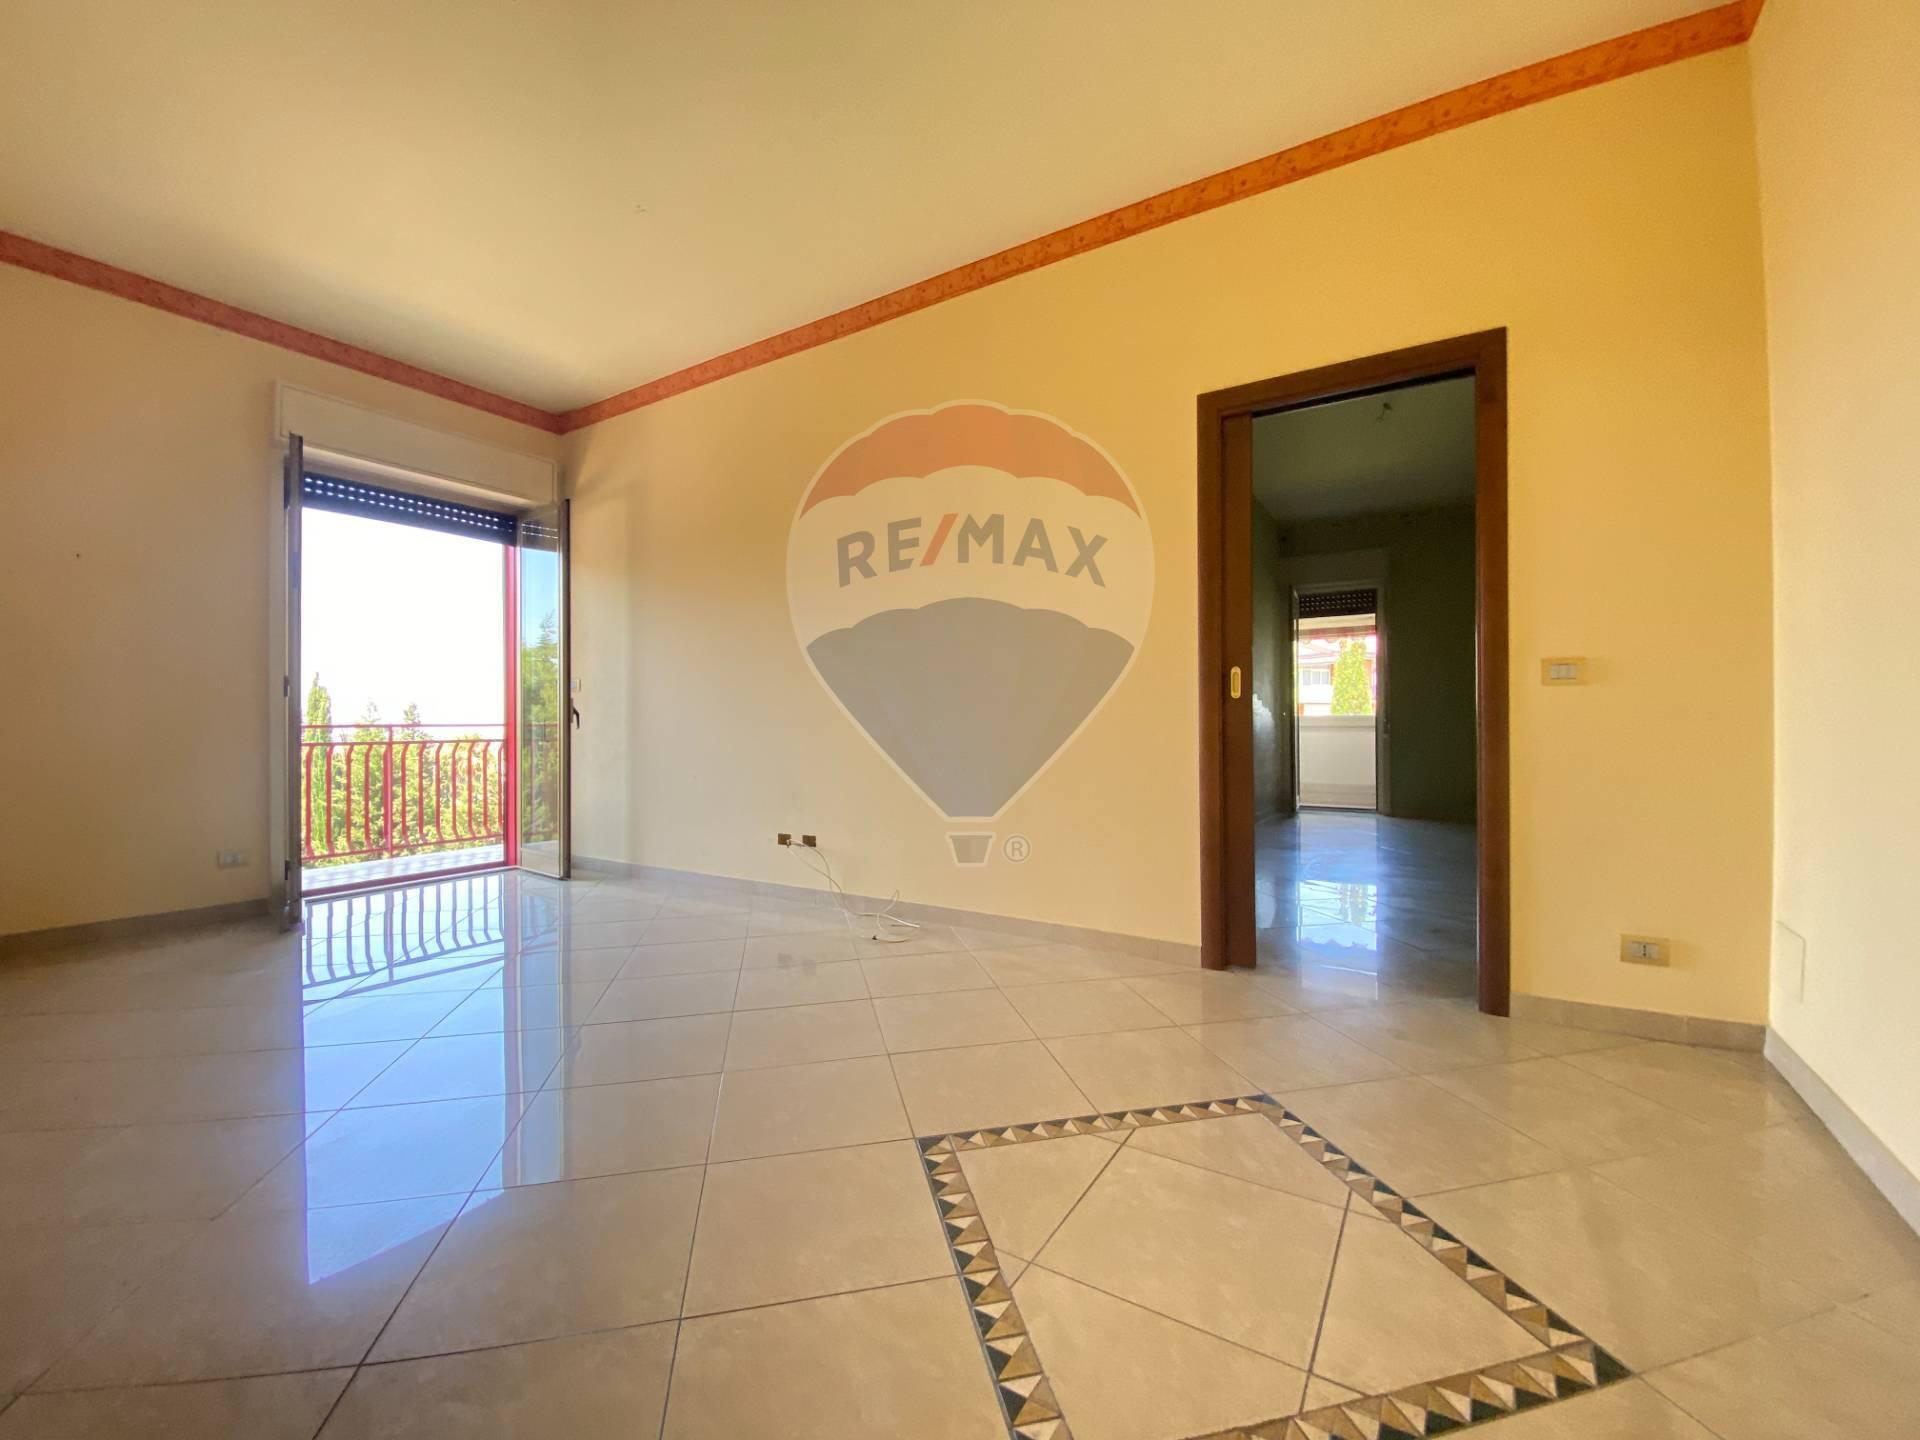 Appartamento in affitto a Belpasso, 2 locali, zona Località: PianoTavola, prezzo € 400   CambioCasa.it